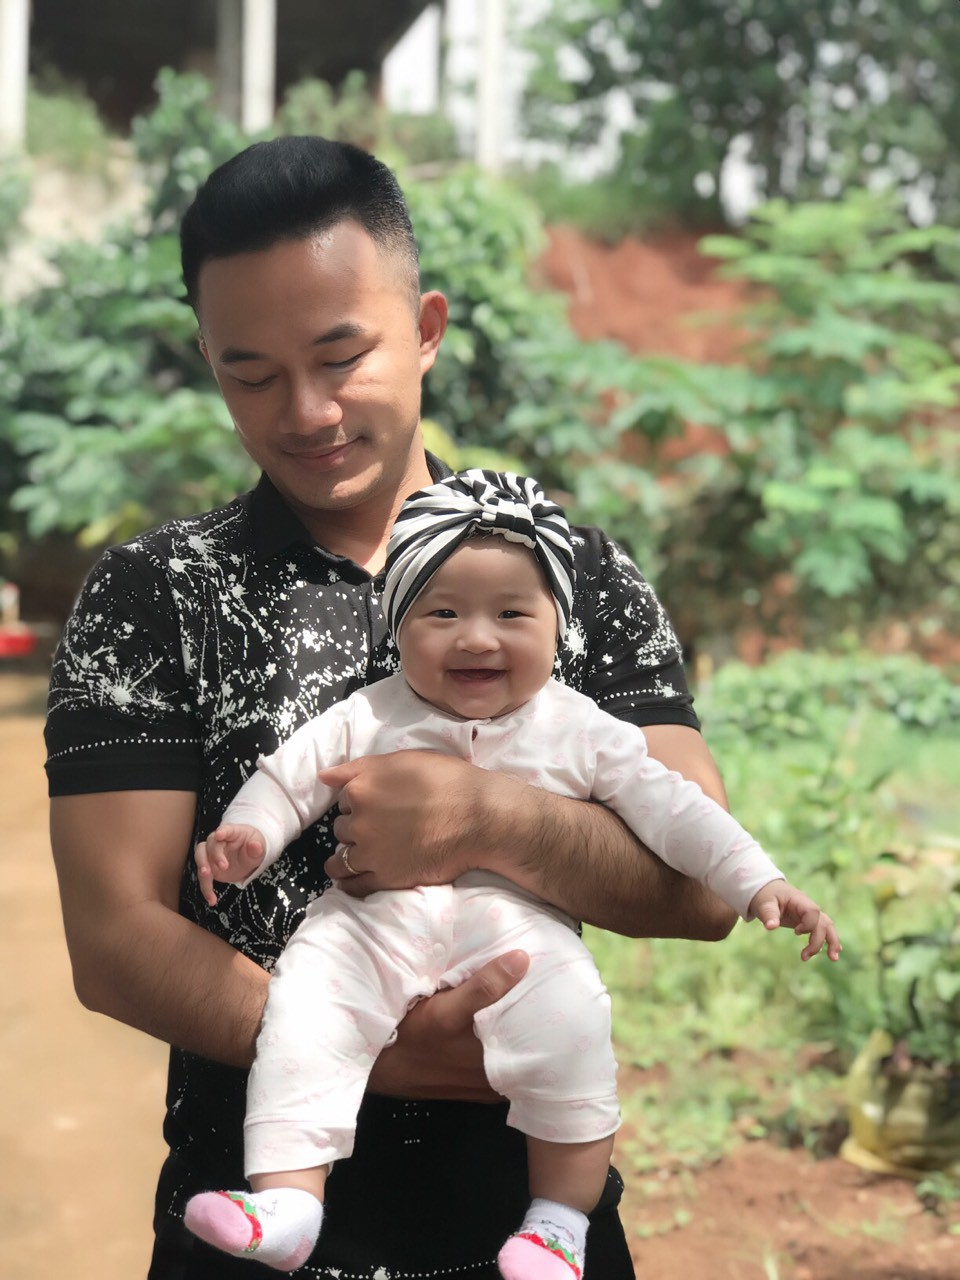 7 năm mong con, 2 lần thụ tinh nhân tạo thất bại nhưng cuối cùng bà mẹ này lại hạnh phúc tột bậc khi mang thai tự nhiên - Ảnh 6.